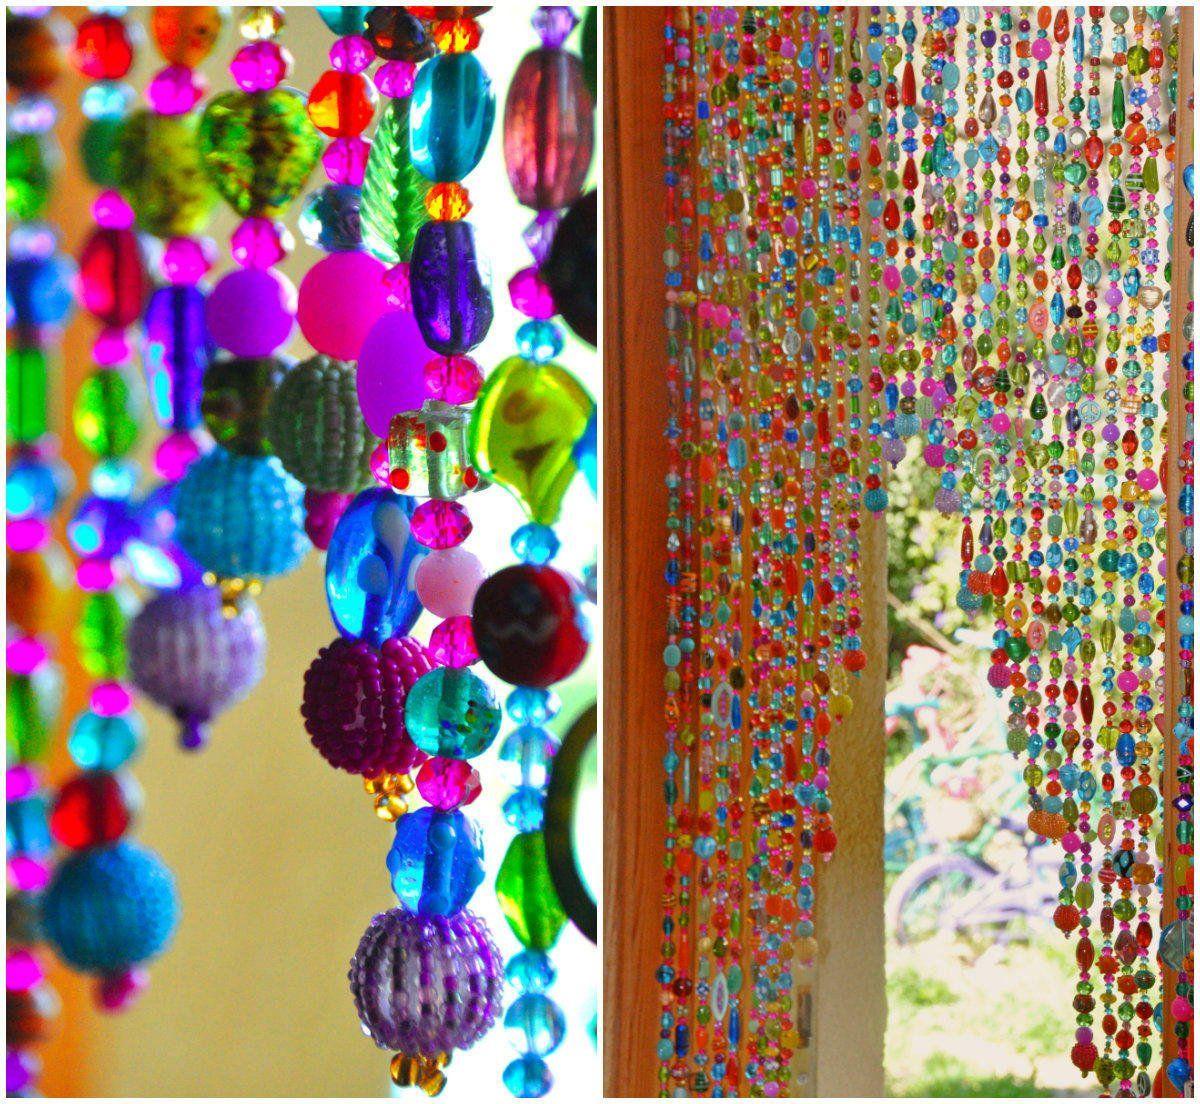 Ha hanging bead curtains for doorways - Beaded Curtain Hanging Beads Bohemian Curtain Boho Doorway Decor Beaded Door Curtains Hanging Door Beads Doorway Bead Door Beads